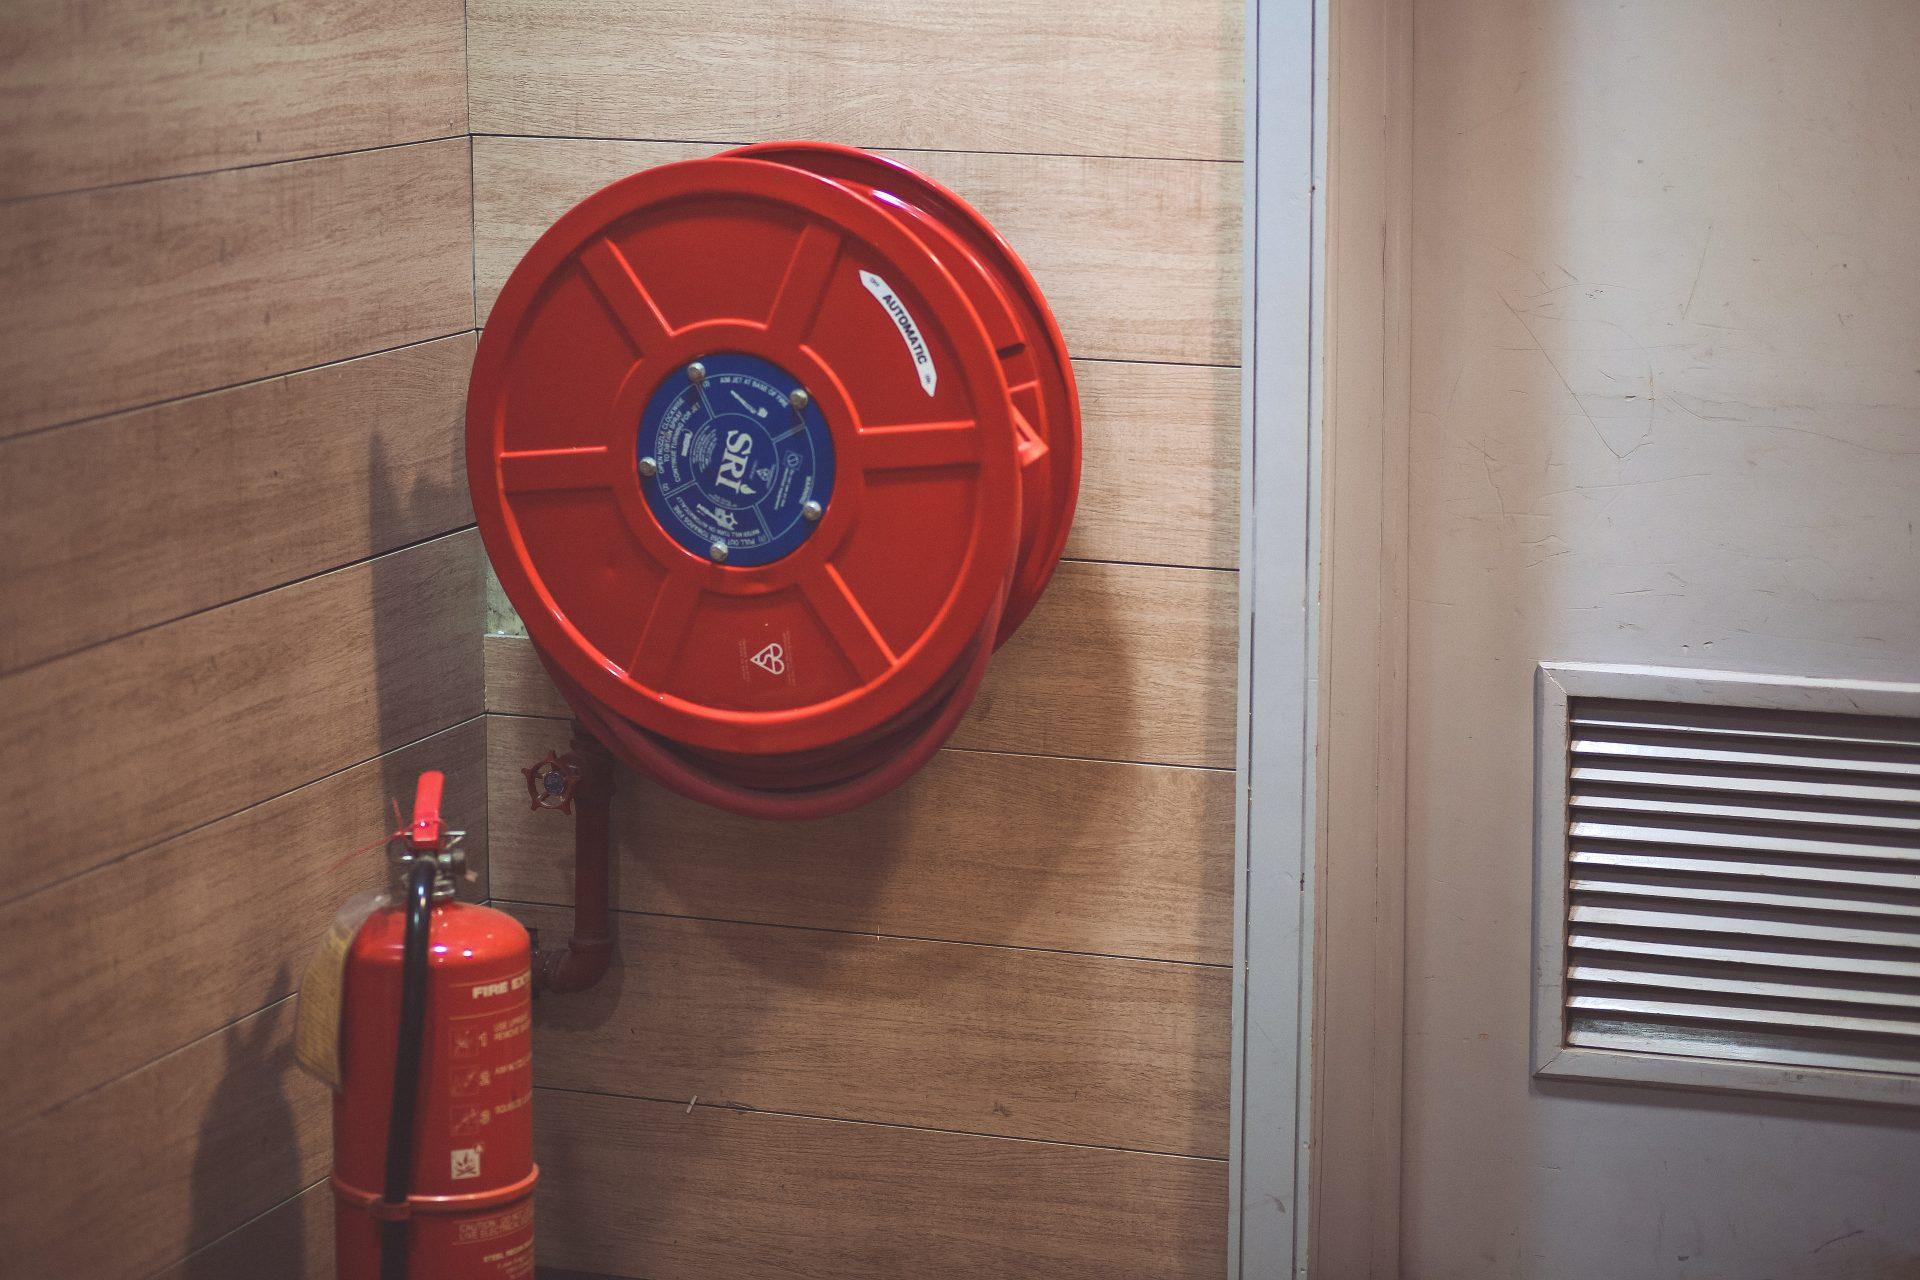 Antincendio – rischio basso – aggiornamento